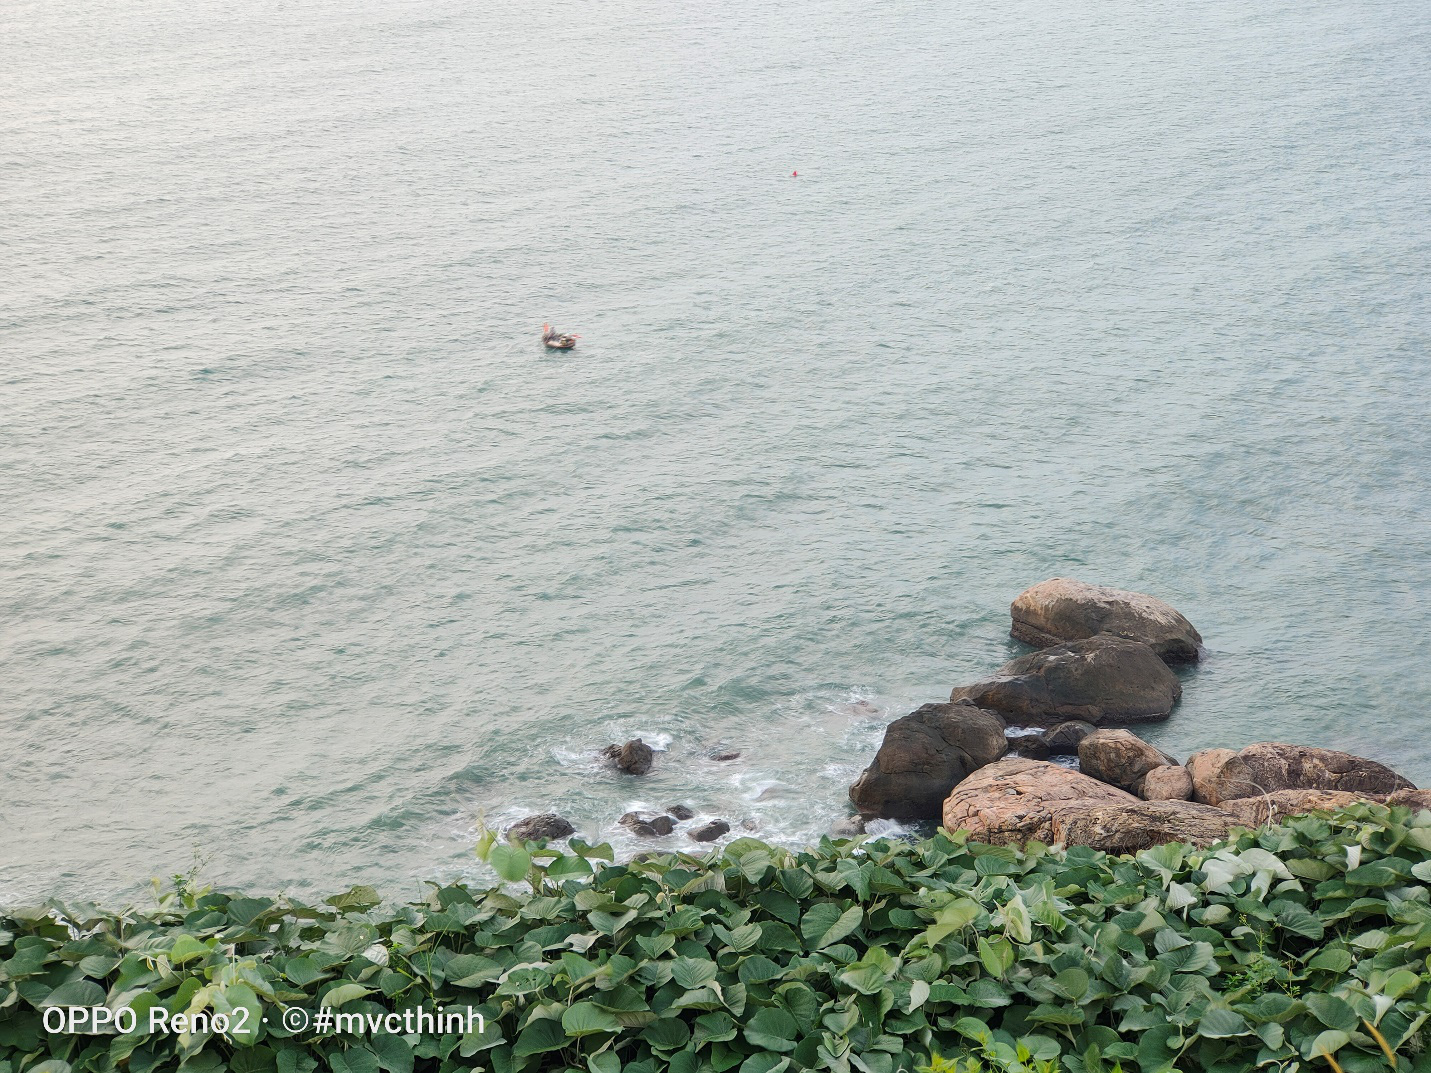 Phá đảo thành phố biển xinh đẹp Đà Nẵng chỉ với lịch trình một ngày - Ảnh 4.